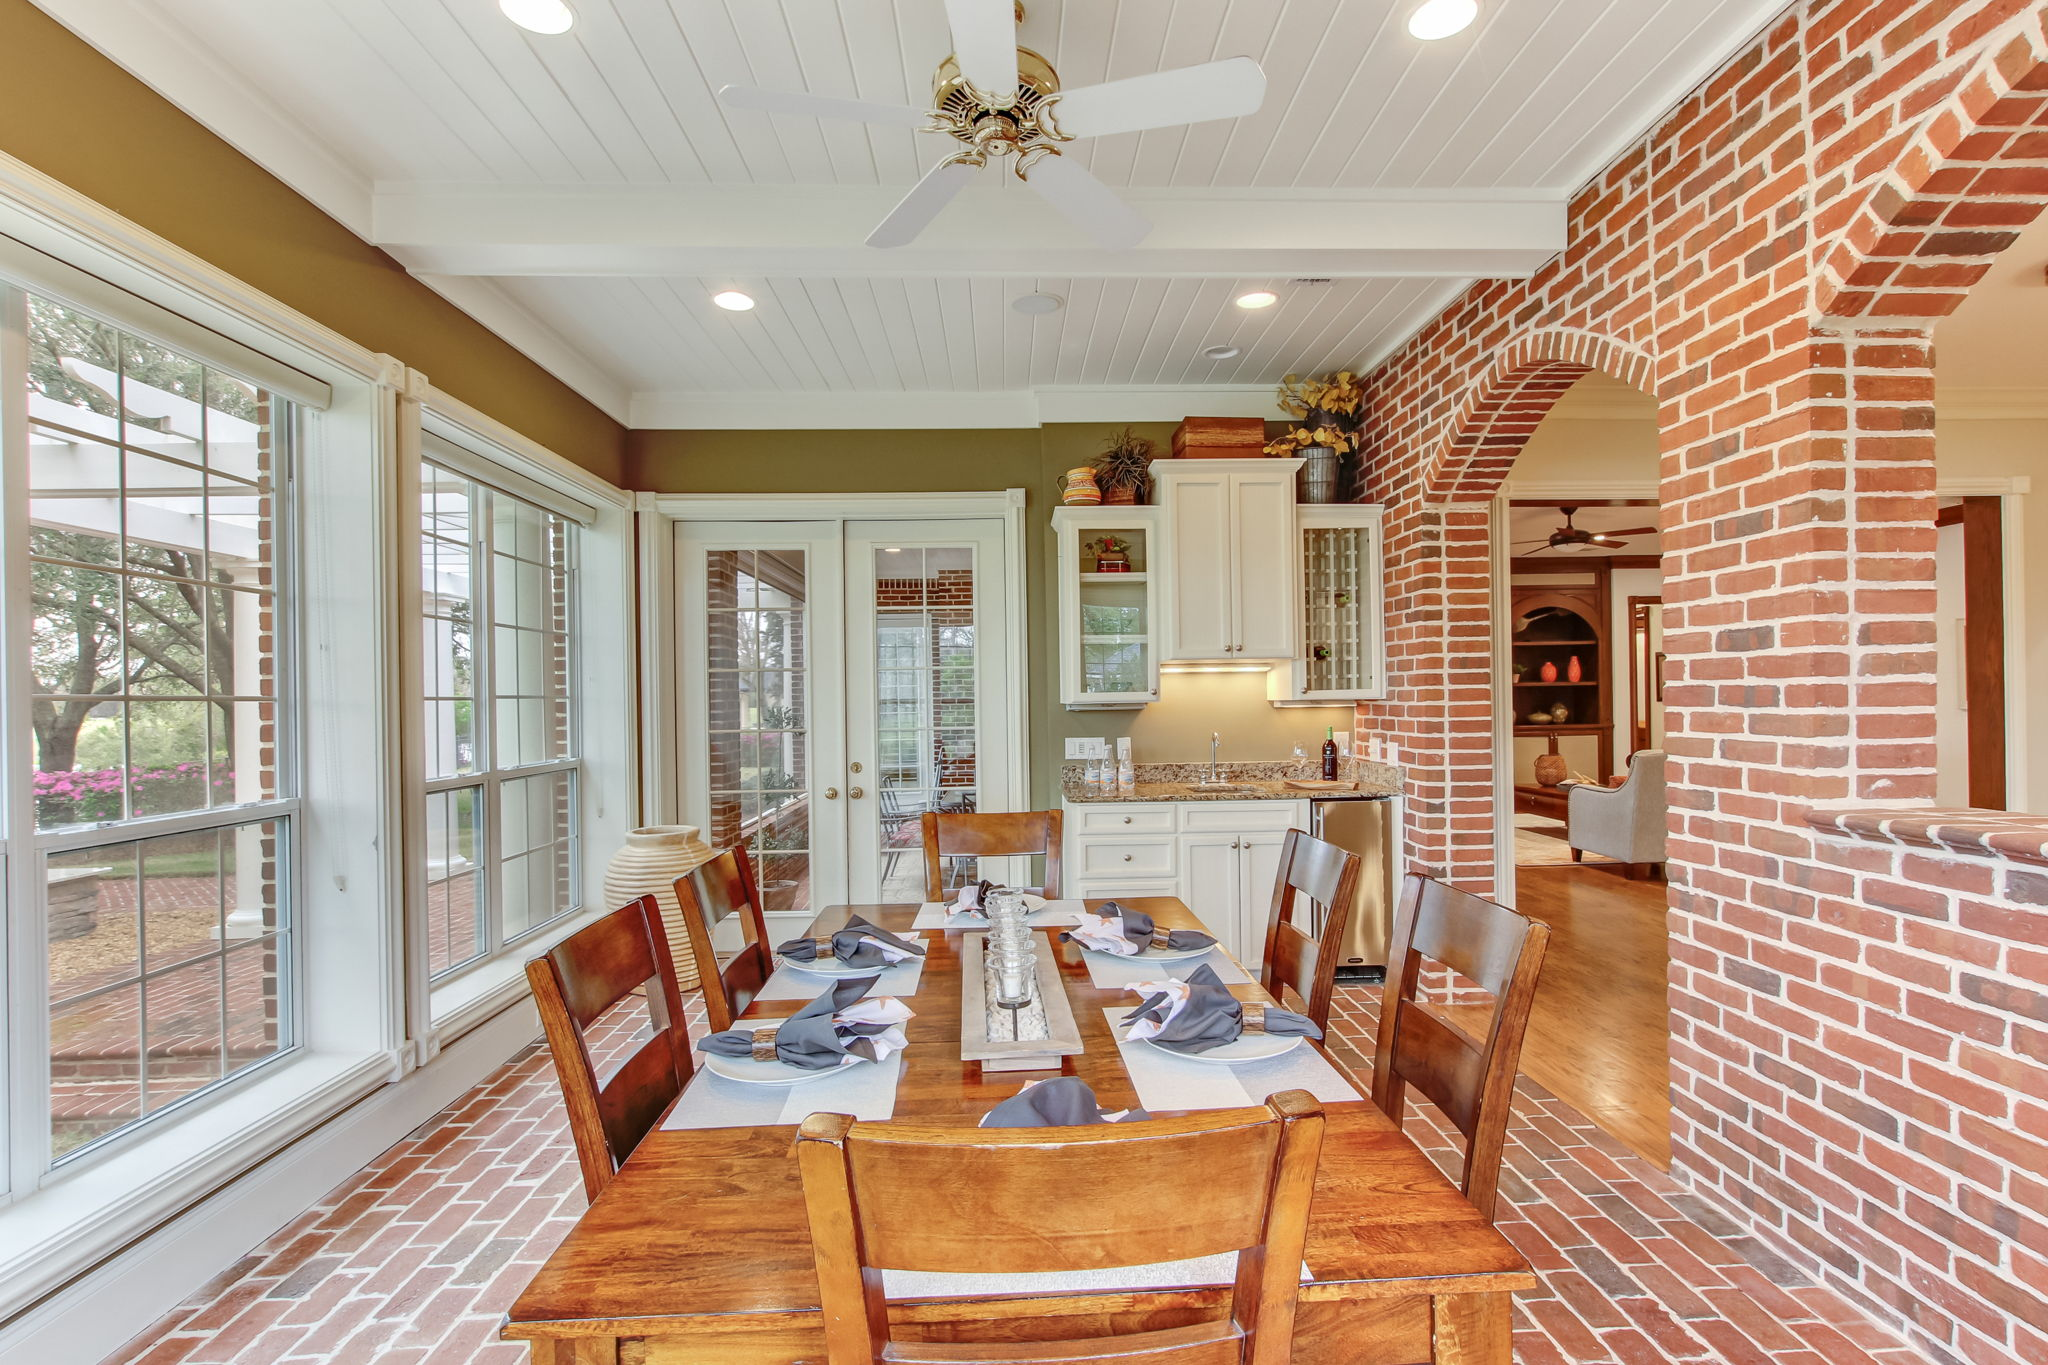 Brick wall & floored Sunroom